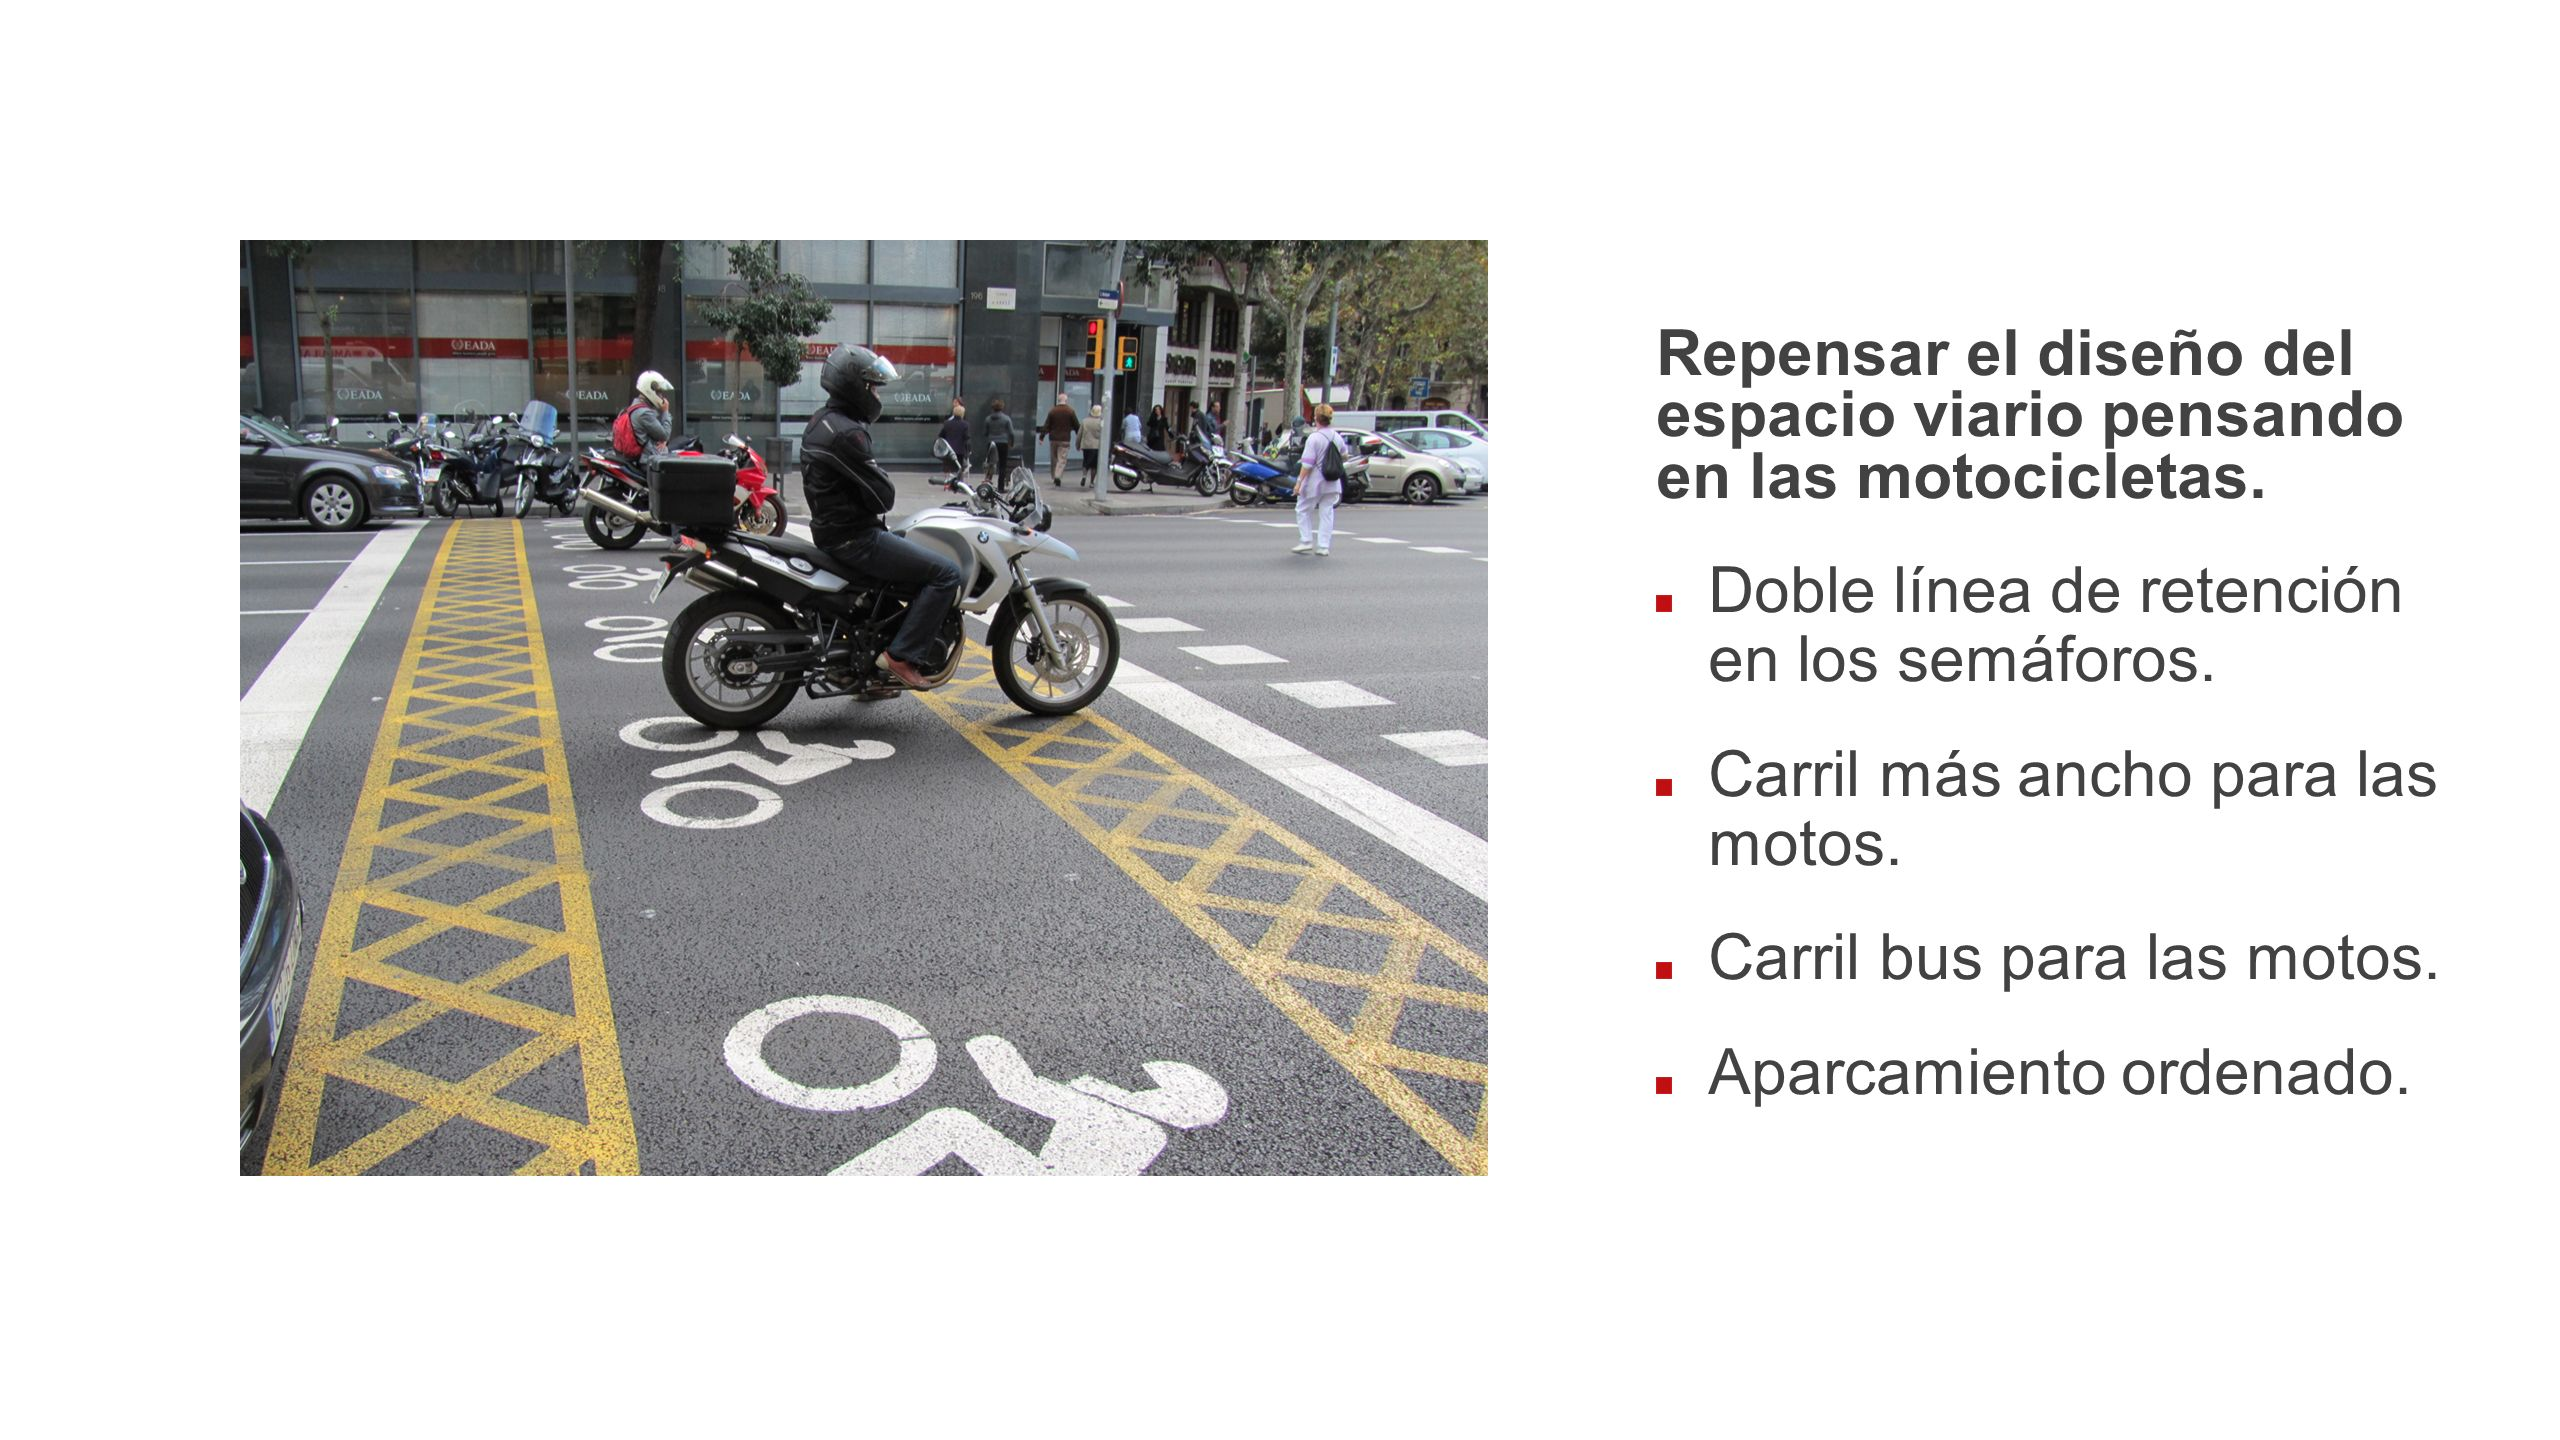 Repensar el diseño del espacio viario pensando en las motocicletas. Doble línea de retención en los semáforos. Carril más ancho para las motos. Carril